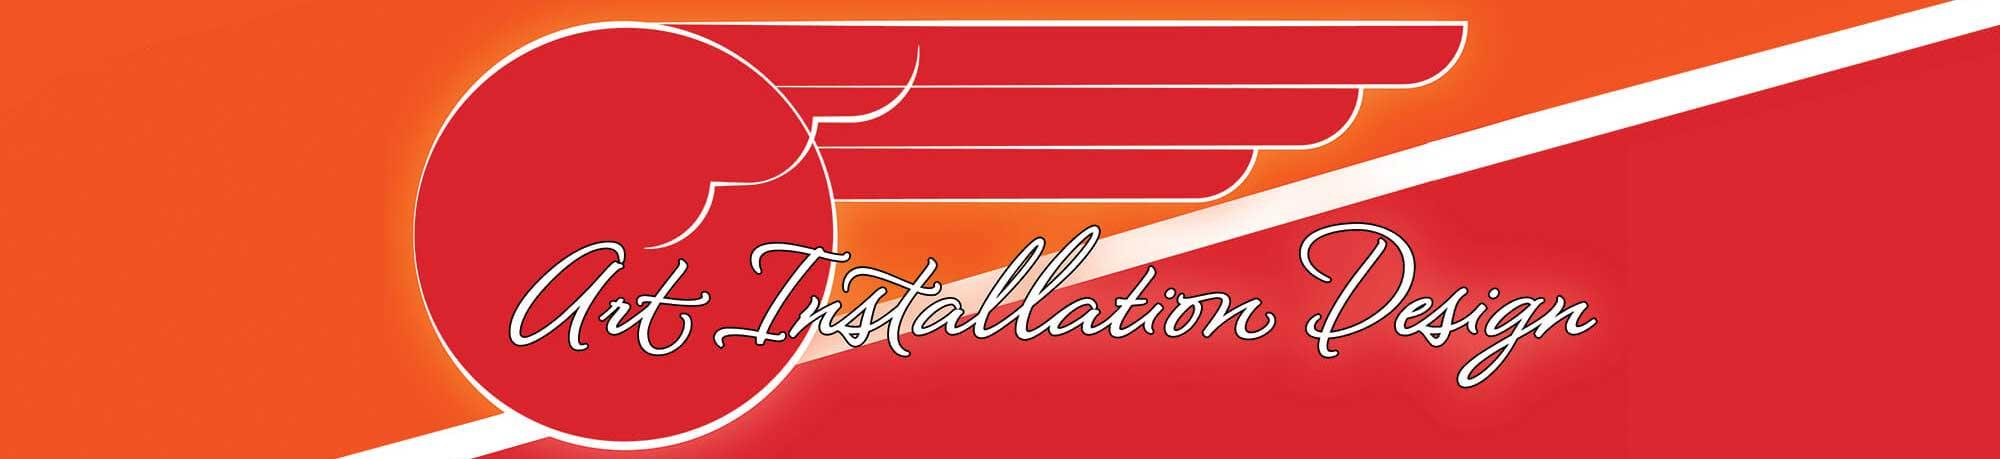 Main Image Logo, Art Installation Design Header